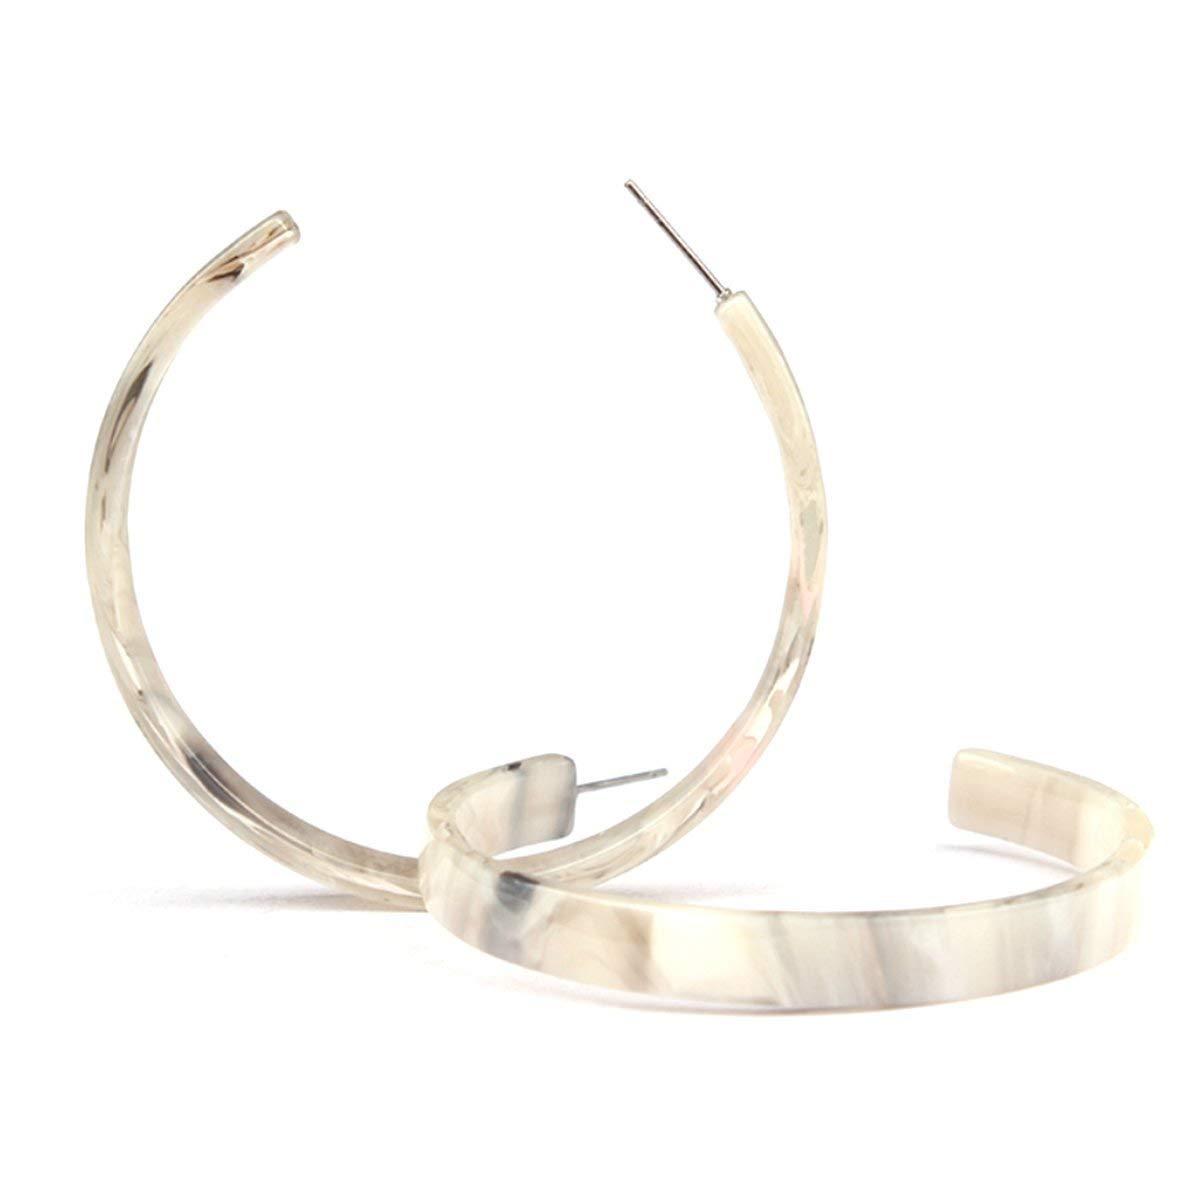 Light Tortoise Shell Hoop | Tortoise Shell Earring | Blonde Tortoiseshell Large | Hoop Earring | Acrylic Hoop Earrings | Everyday